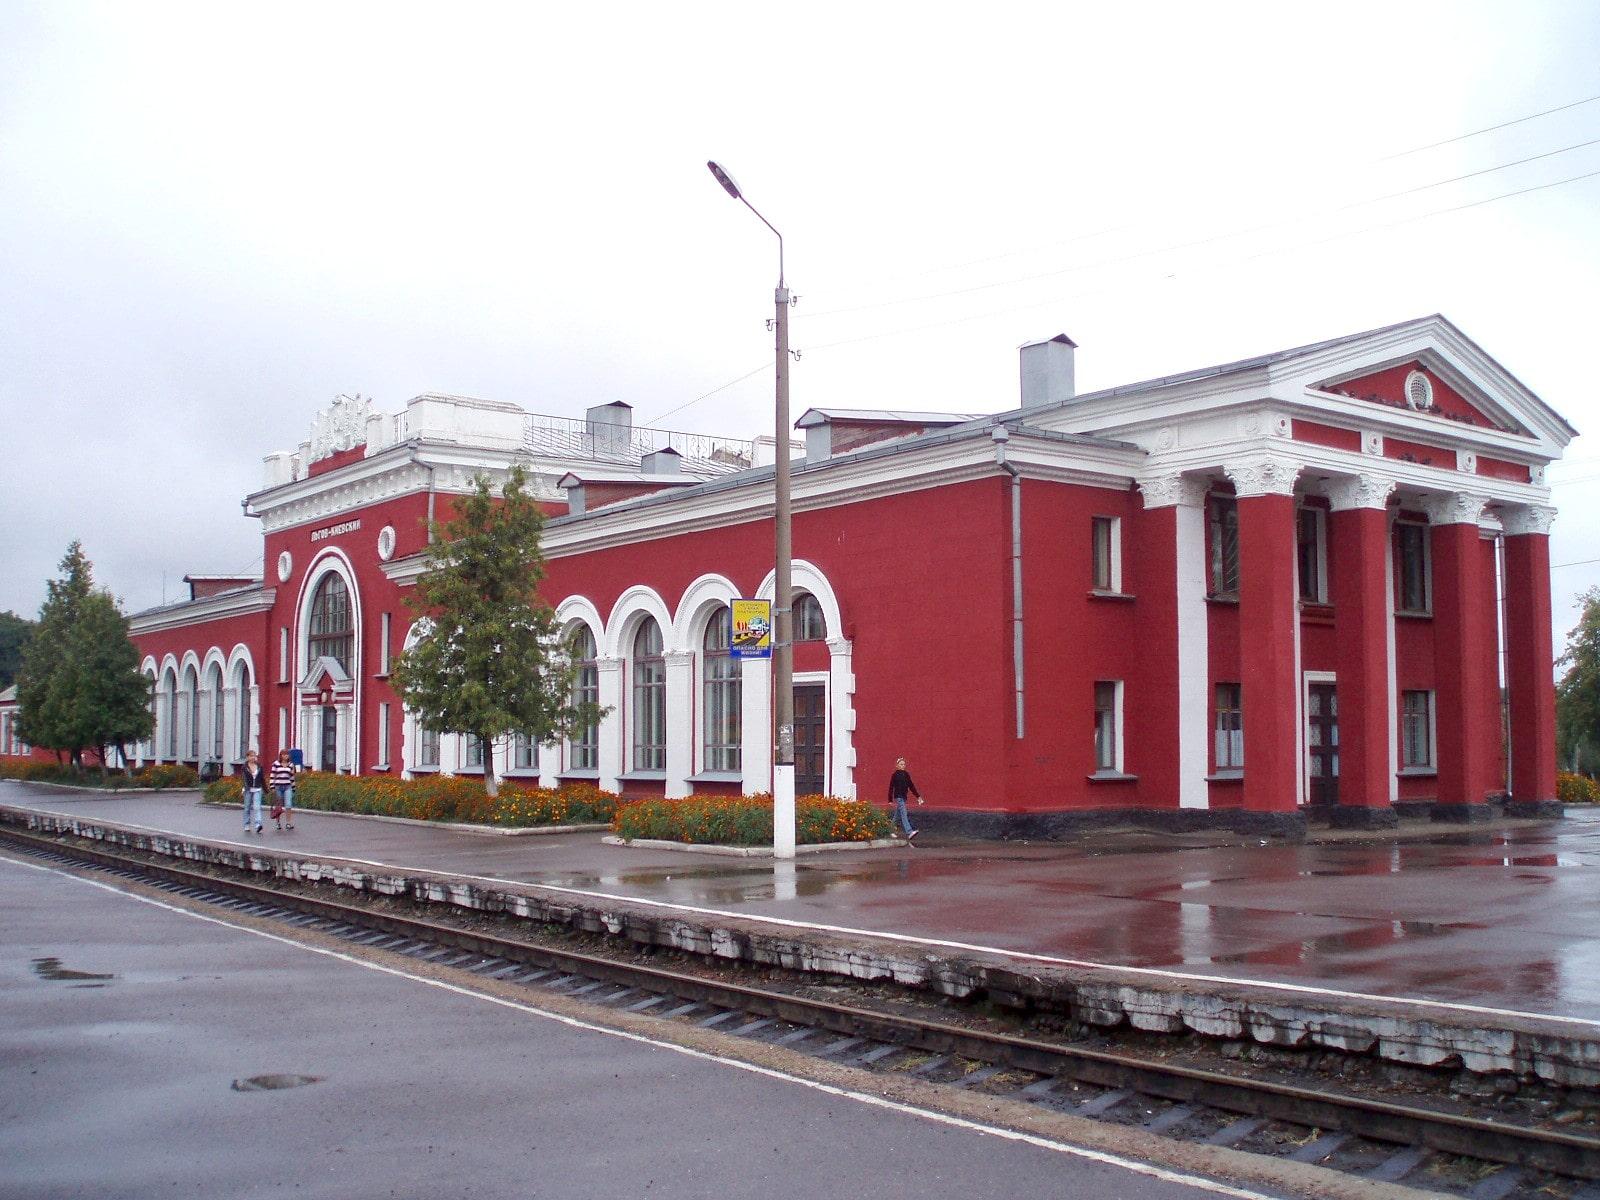 Москва Льгов ритуальные услуги перевозка гроба.